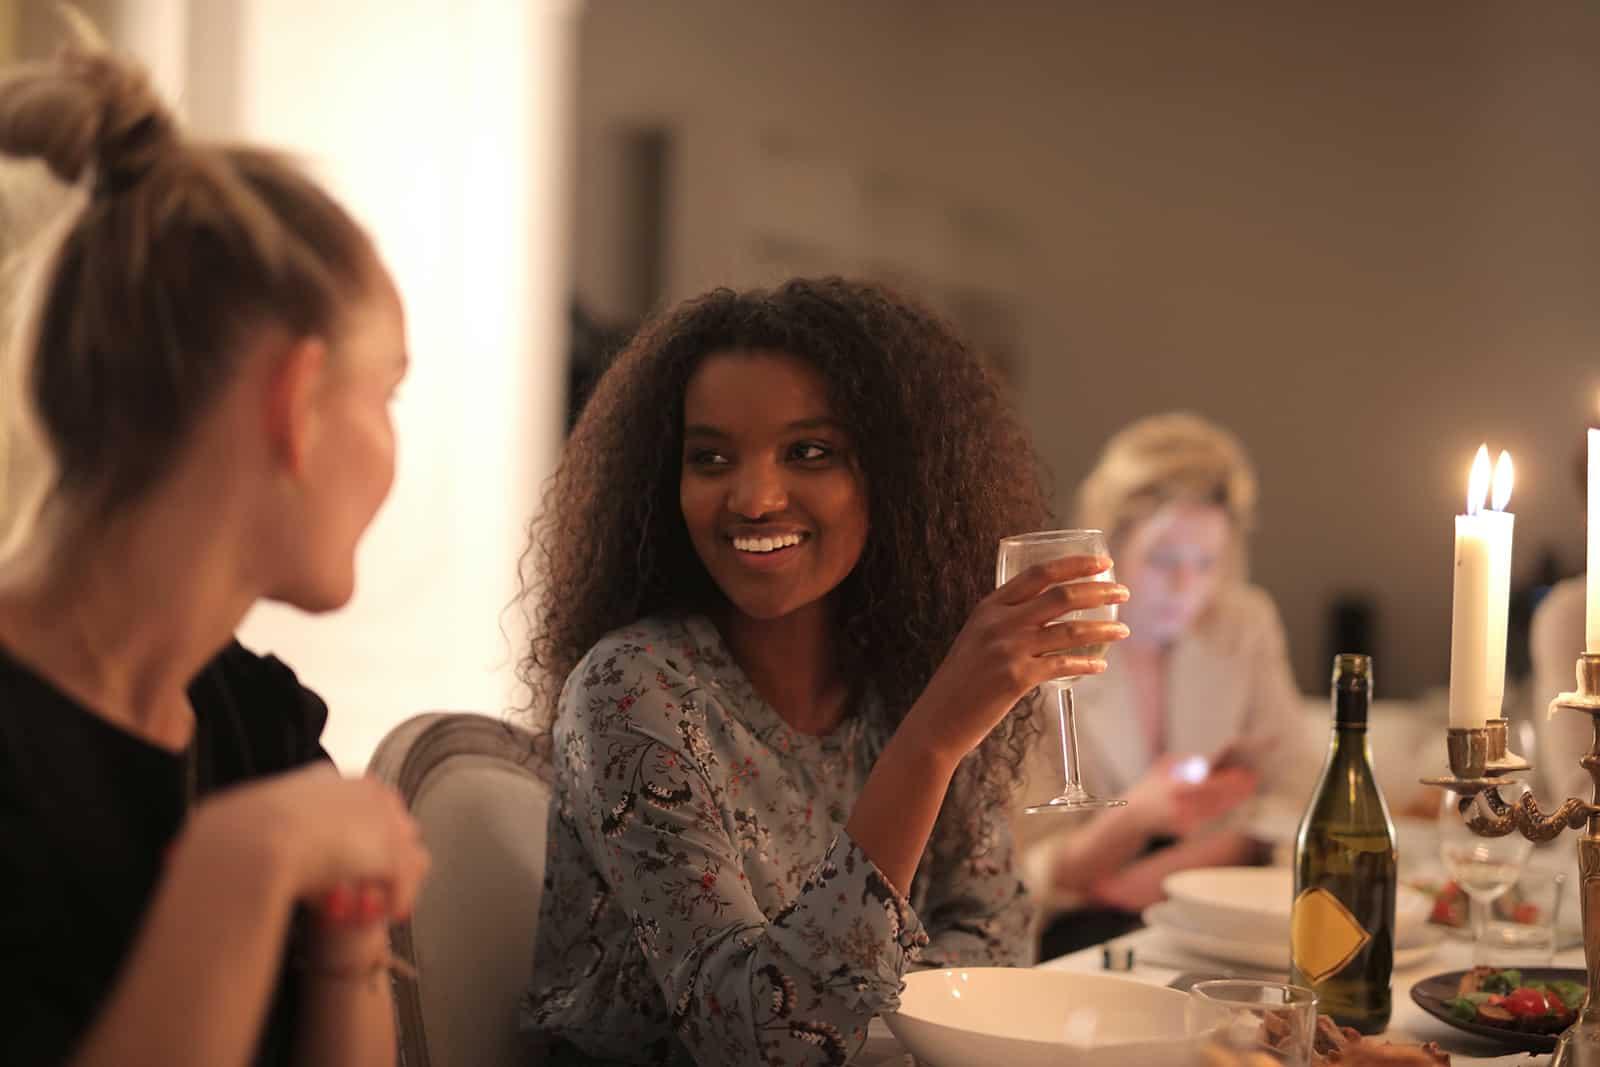 lächelnde Frau, die Wein hält und mit einer Freundin während eines Abendessens spricht